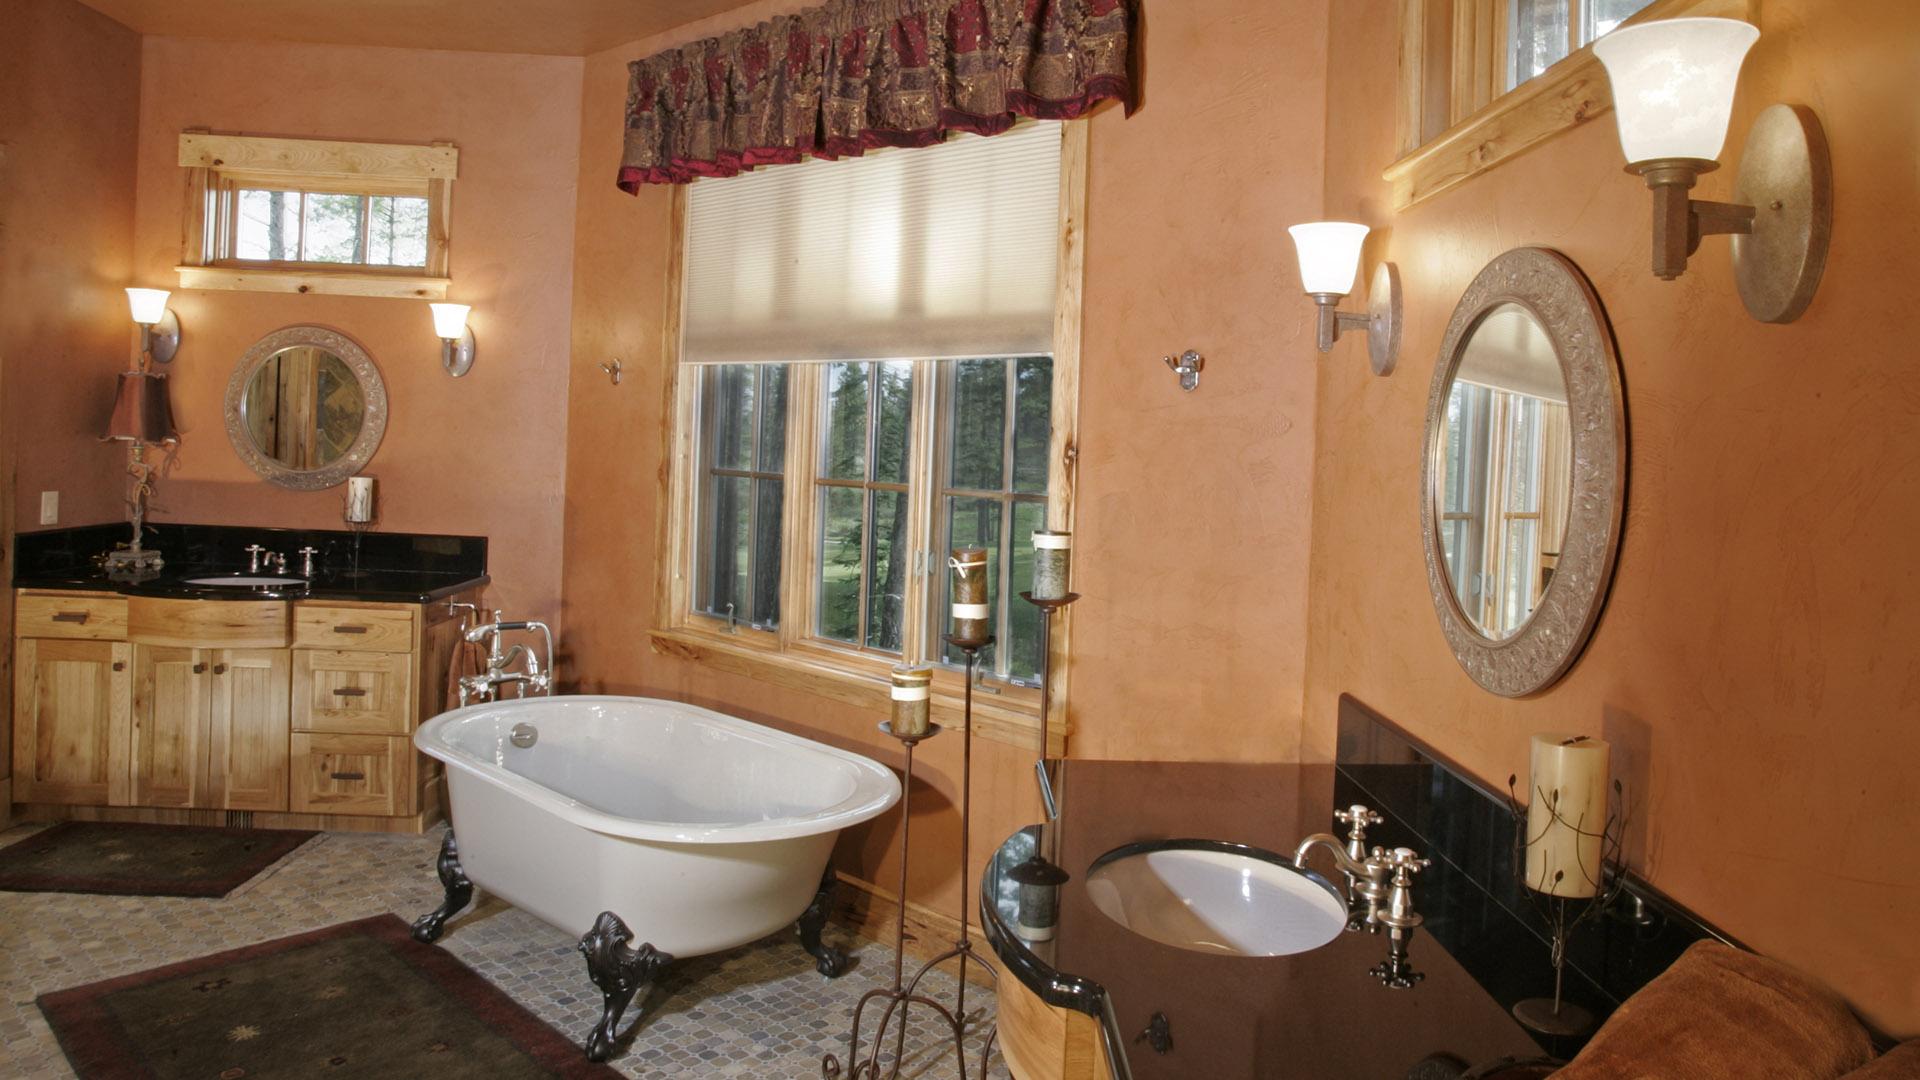 Coeur d'Alene Residence Bathroom